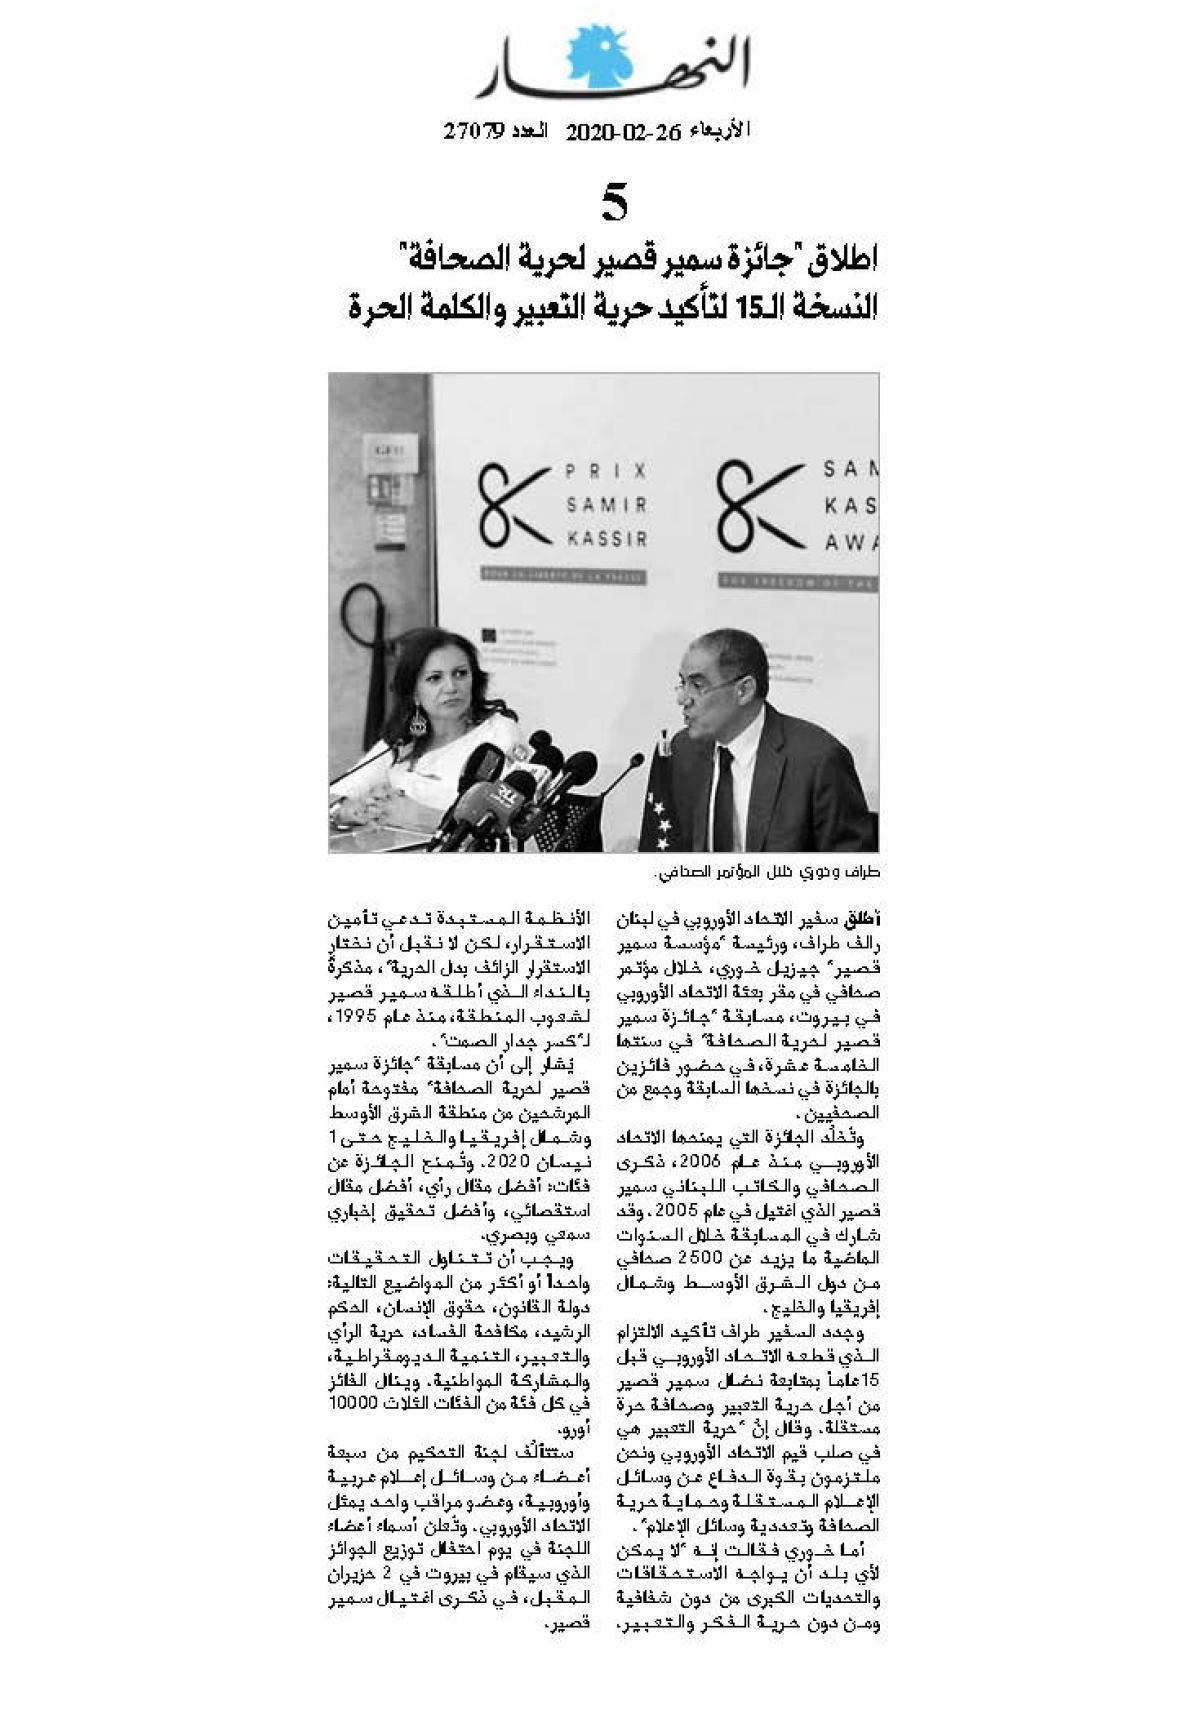 Samir Kassir Award in Annahar - 26 February 2020